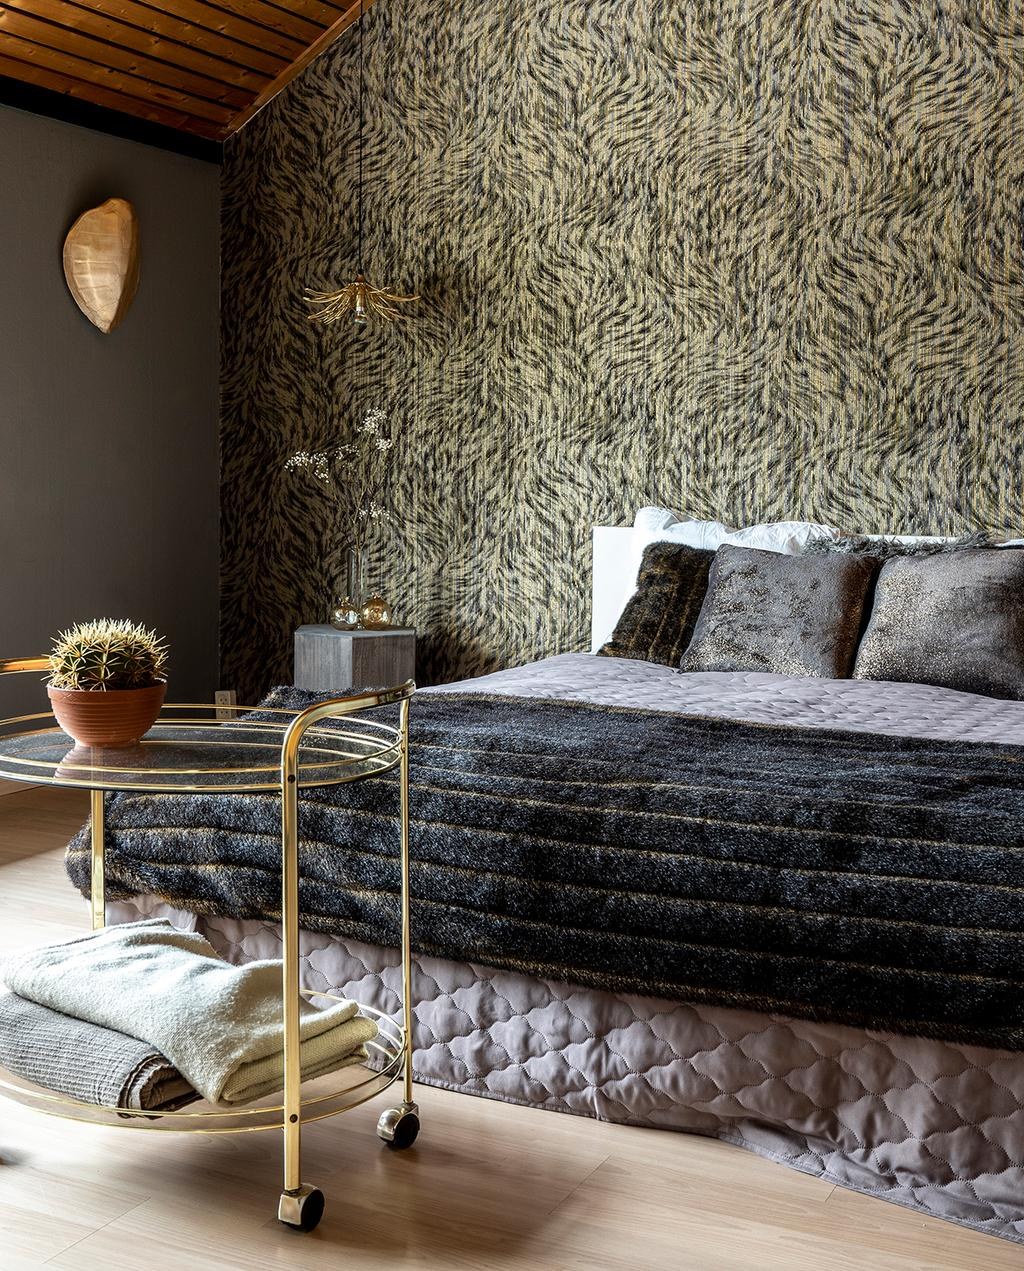 vtwonen 04-2020 | slaapkamer met goede accenten en grijs bedlinnen Mierlo